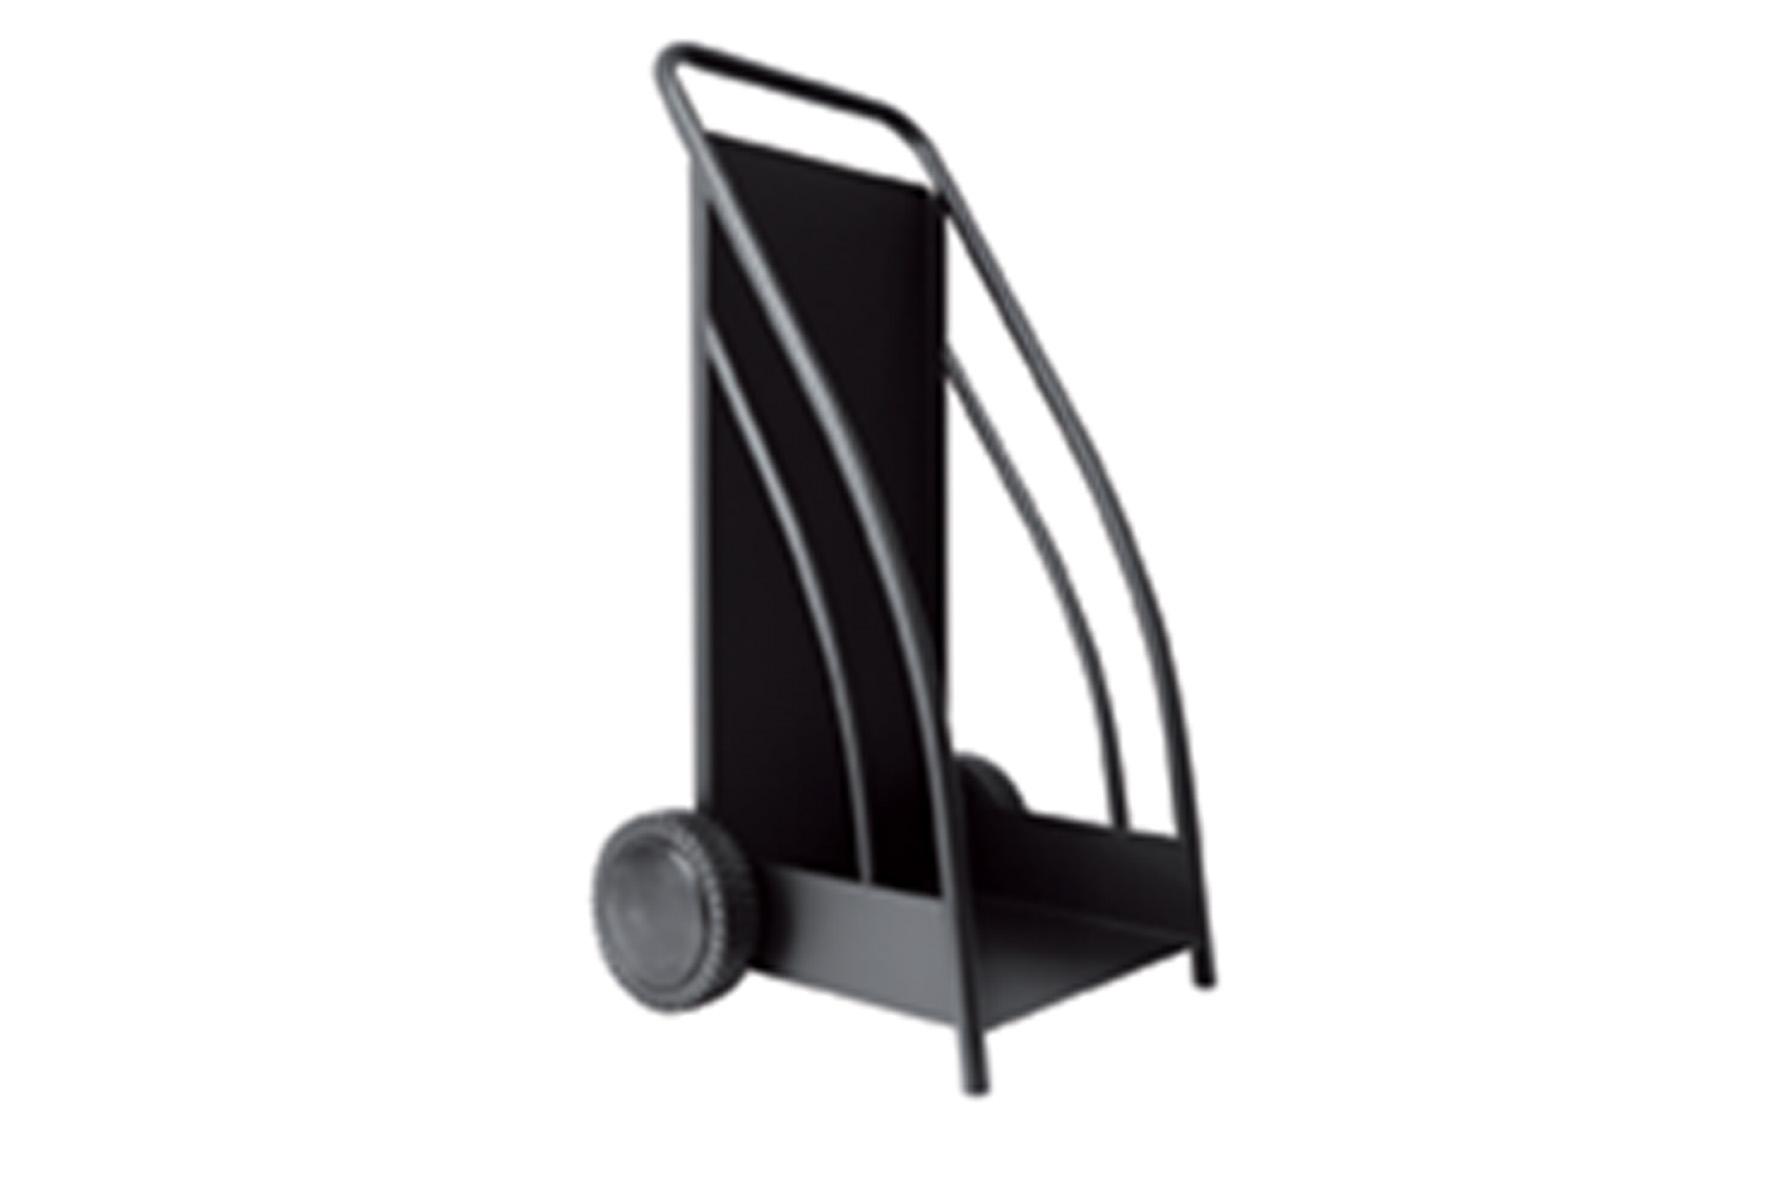 Chariot b che m tal noir achat en ligne ou dans notre magasin - Panier a buche metal ...